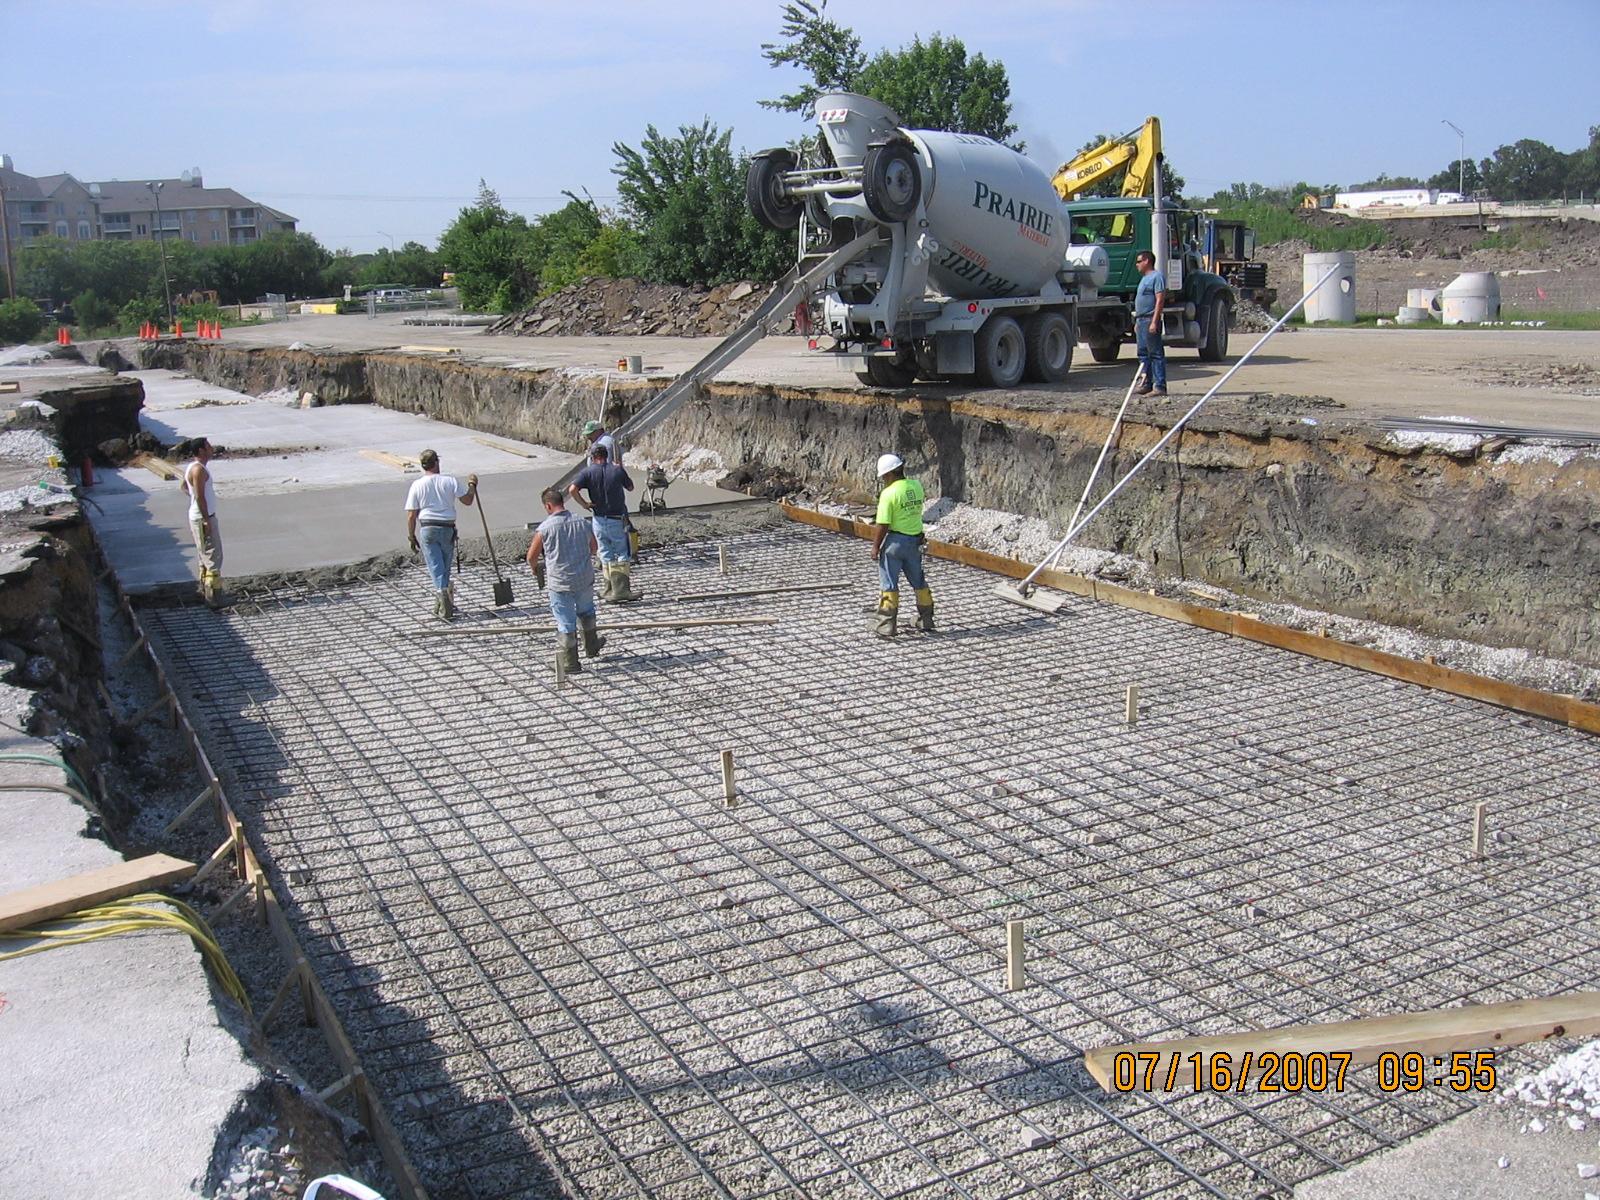 2007, July 20